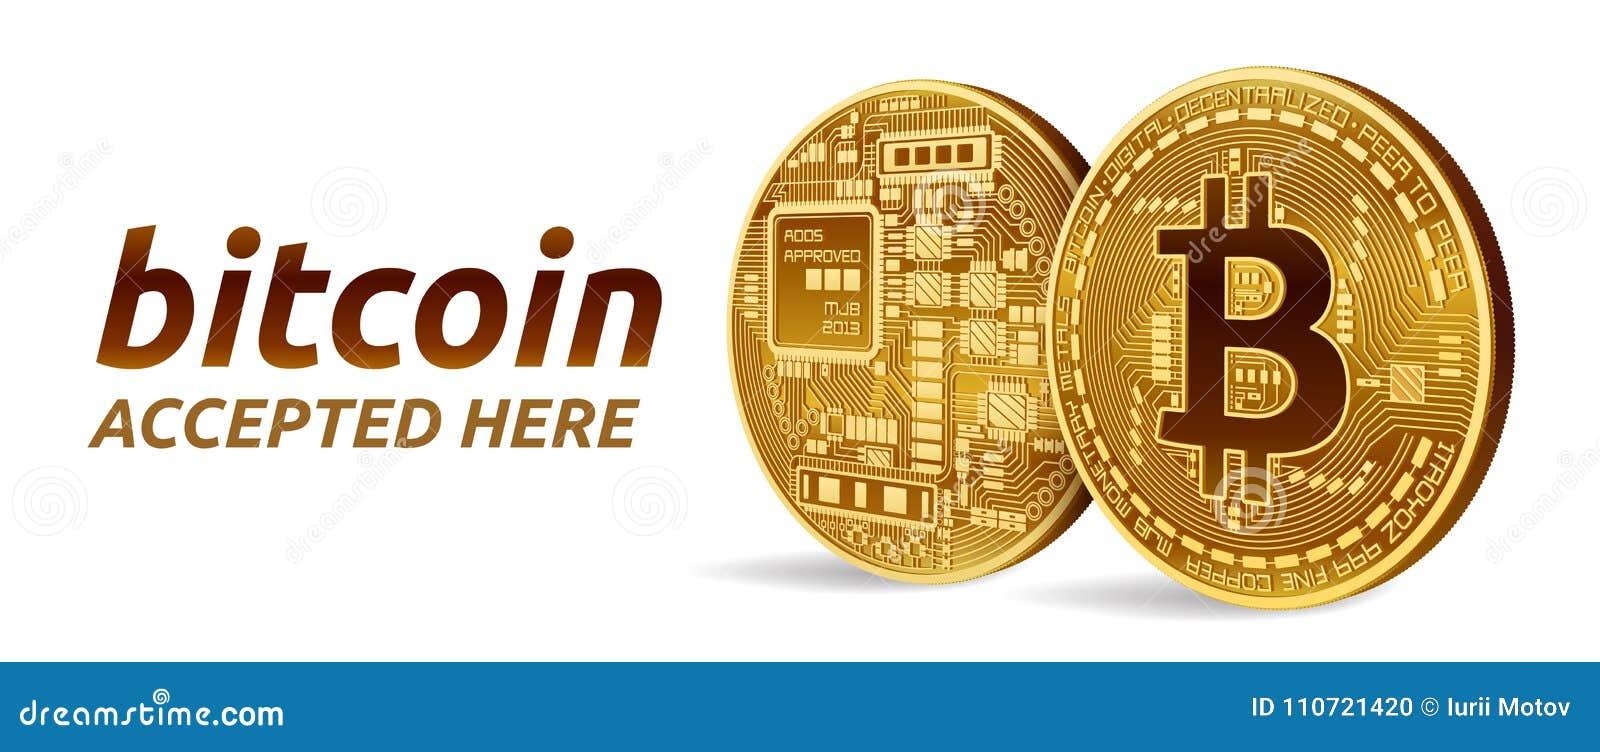 bitcoin ha accettato qui